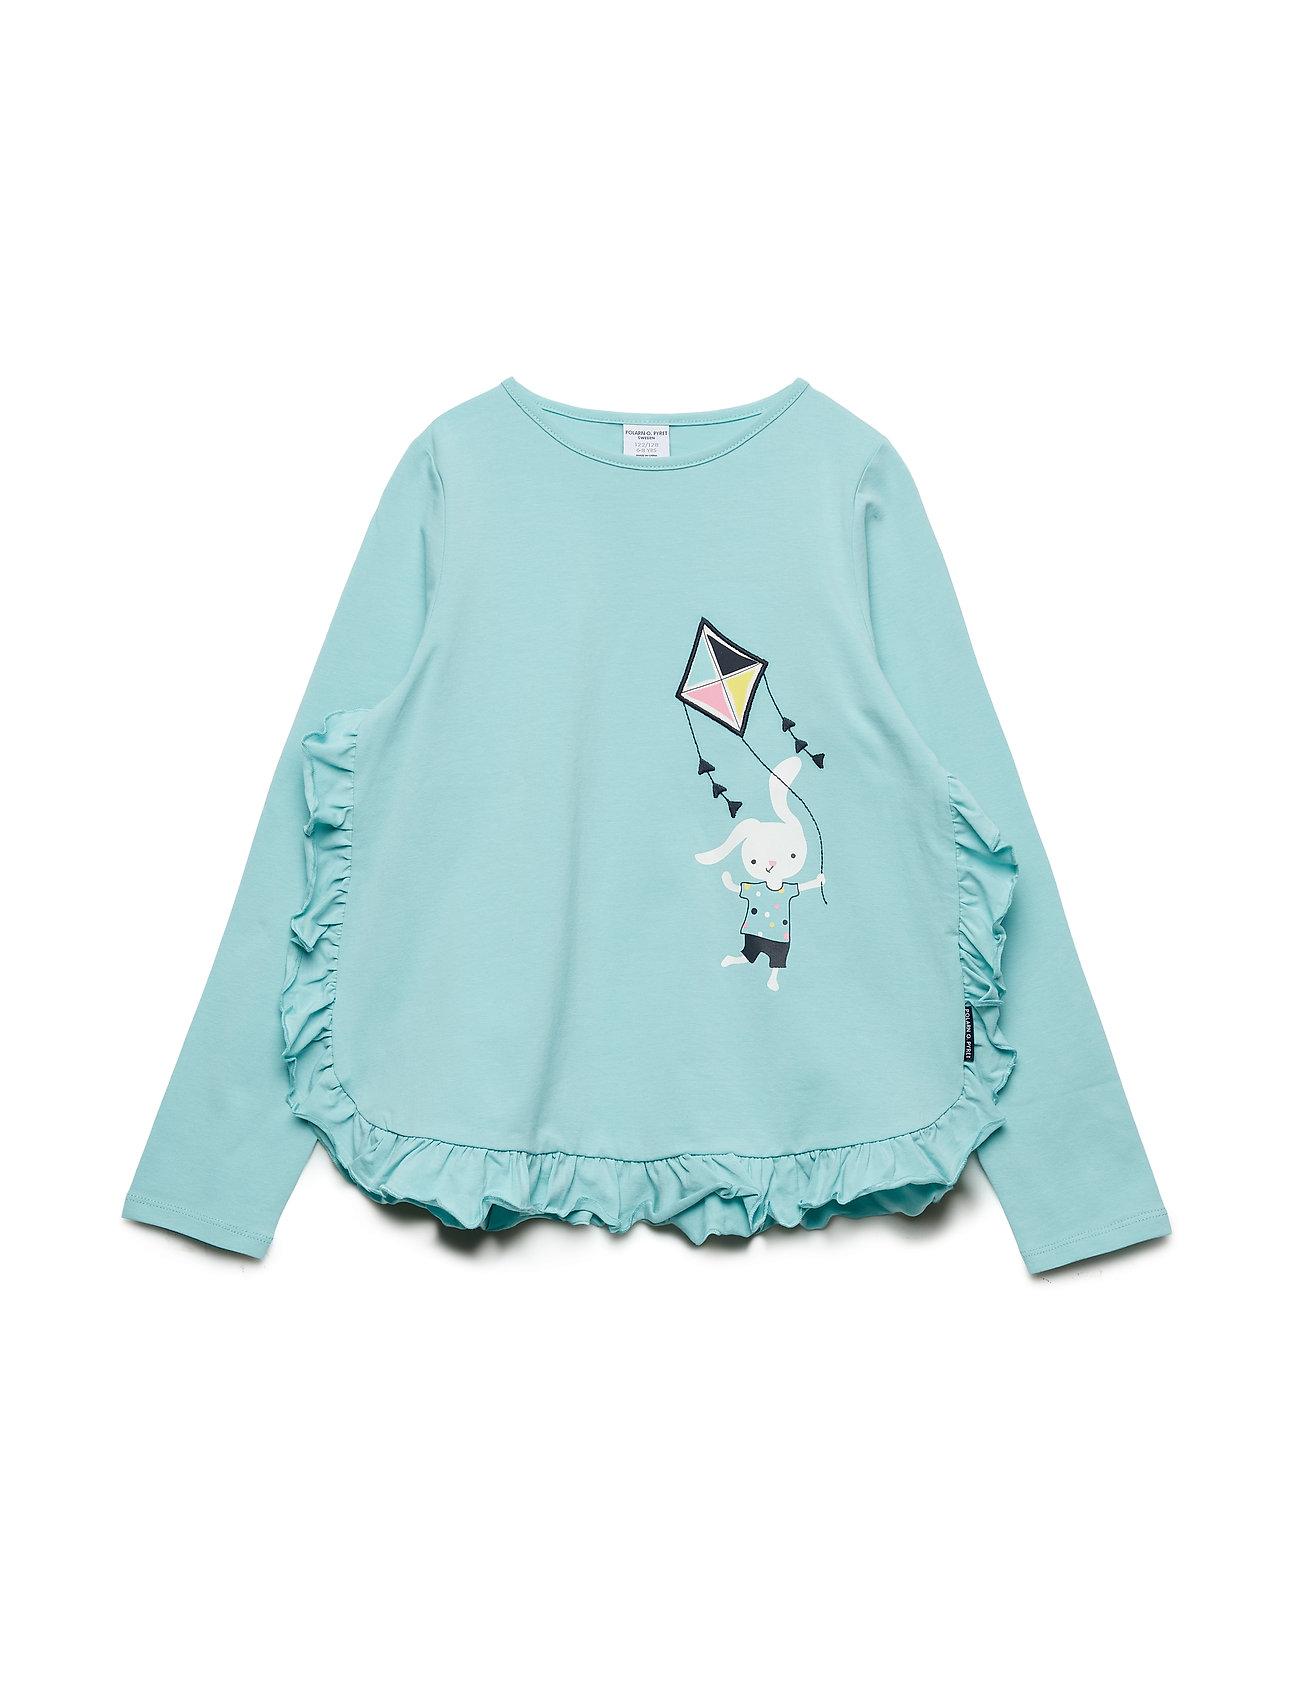 Polarn O. Pyret Top Long Sleeve appliqe Preschool